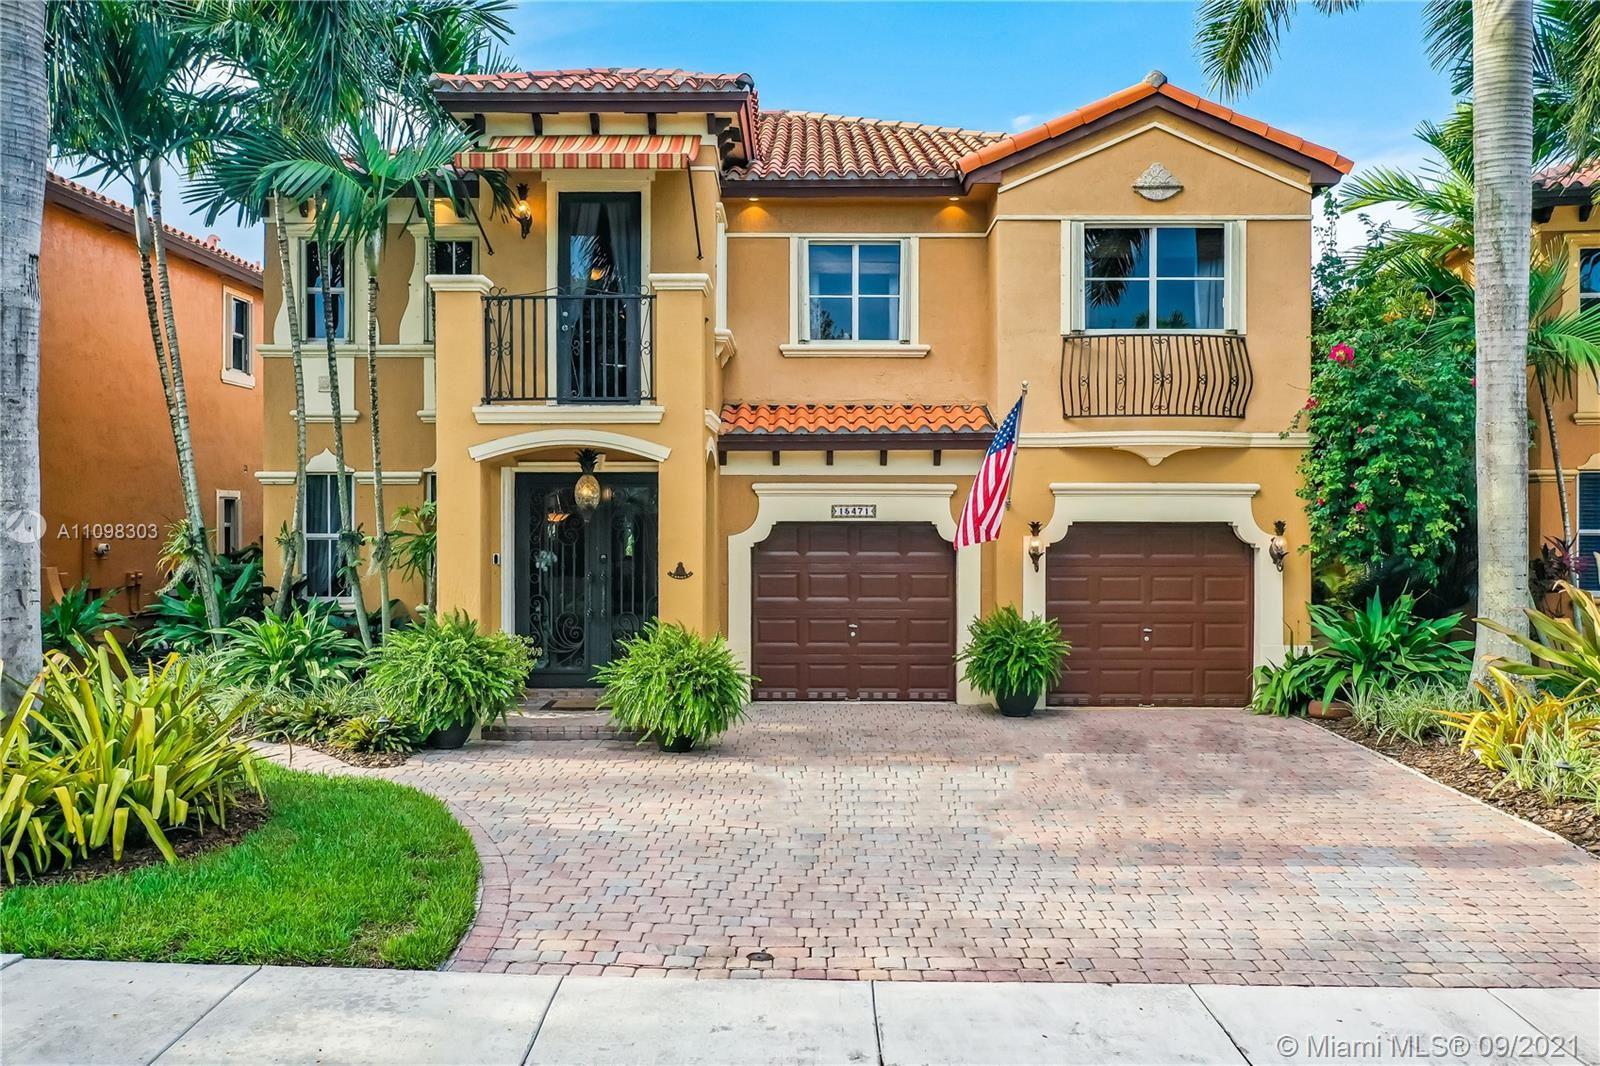 15471 SW 30th St, Miami, FL 33185 - #: A11098303